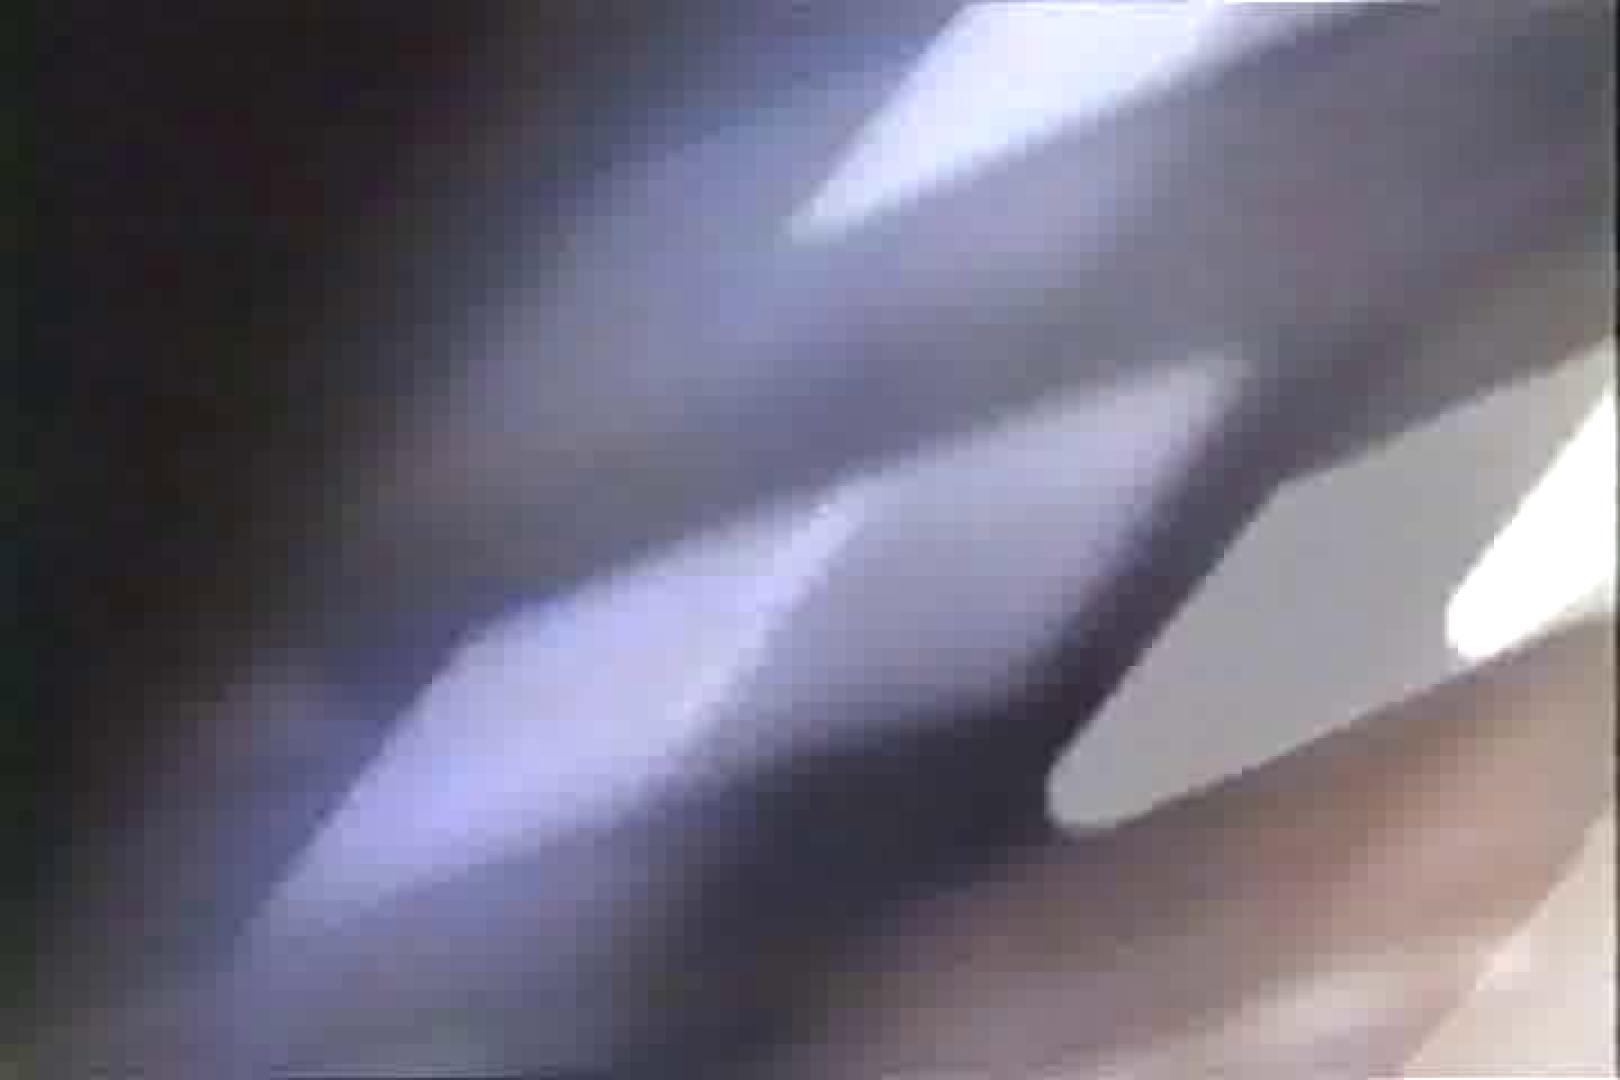 「ちくりん」さんのオリジナル未編集パンチラVol.1_01 パンチラ  23PICs 12